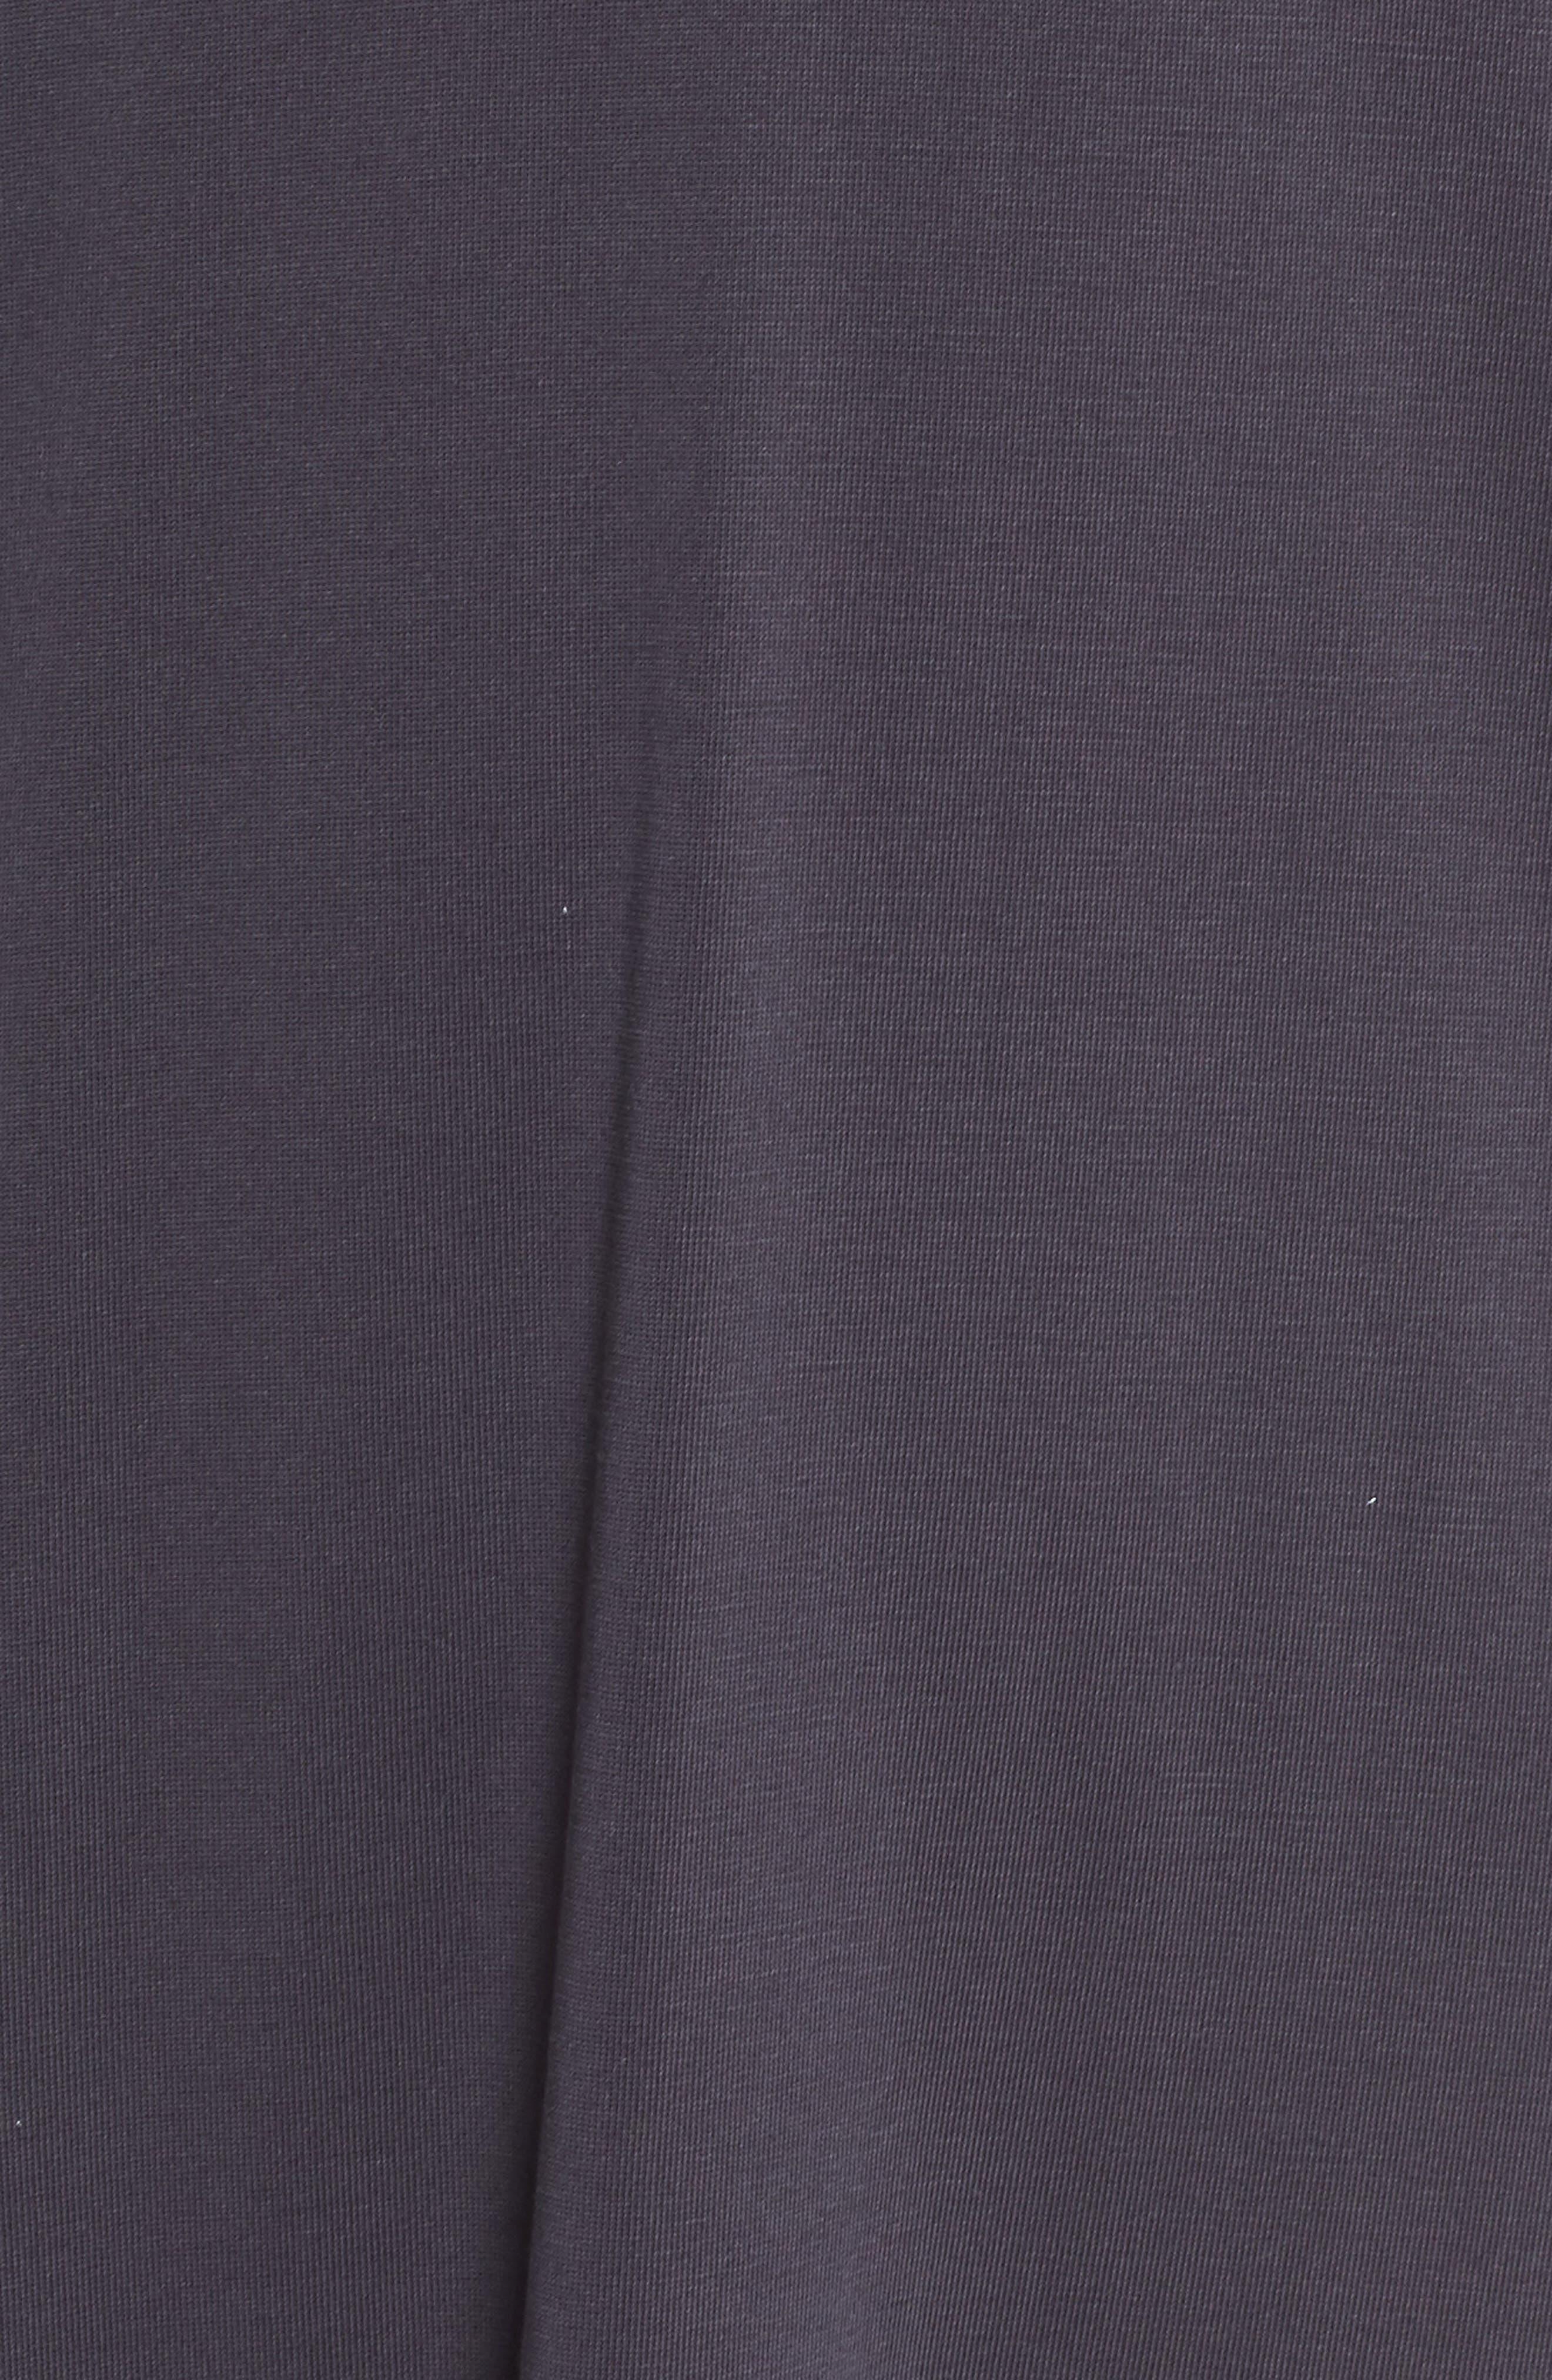 Knit Maxi Dress,                             Alternate thumbnail 5, color,                             002